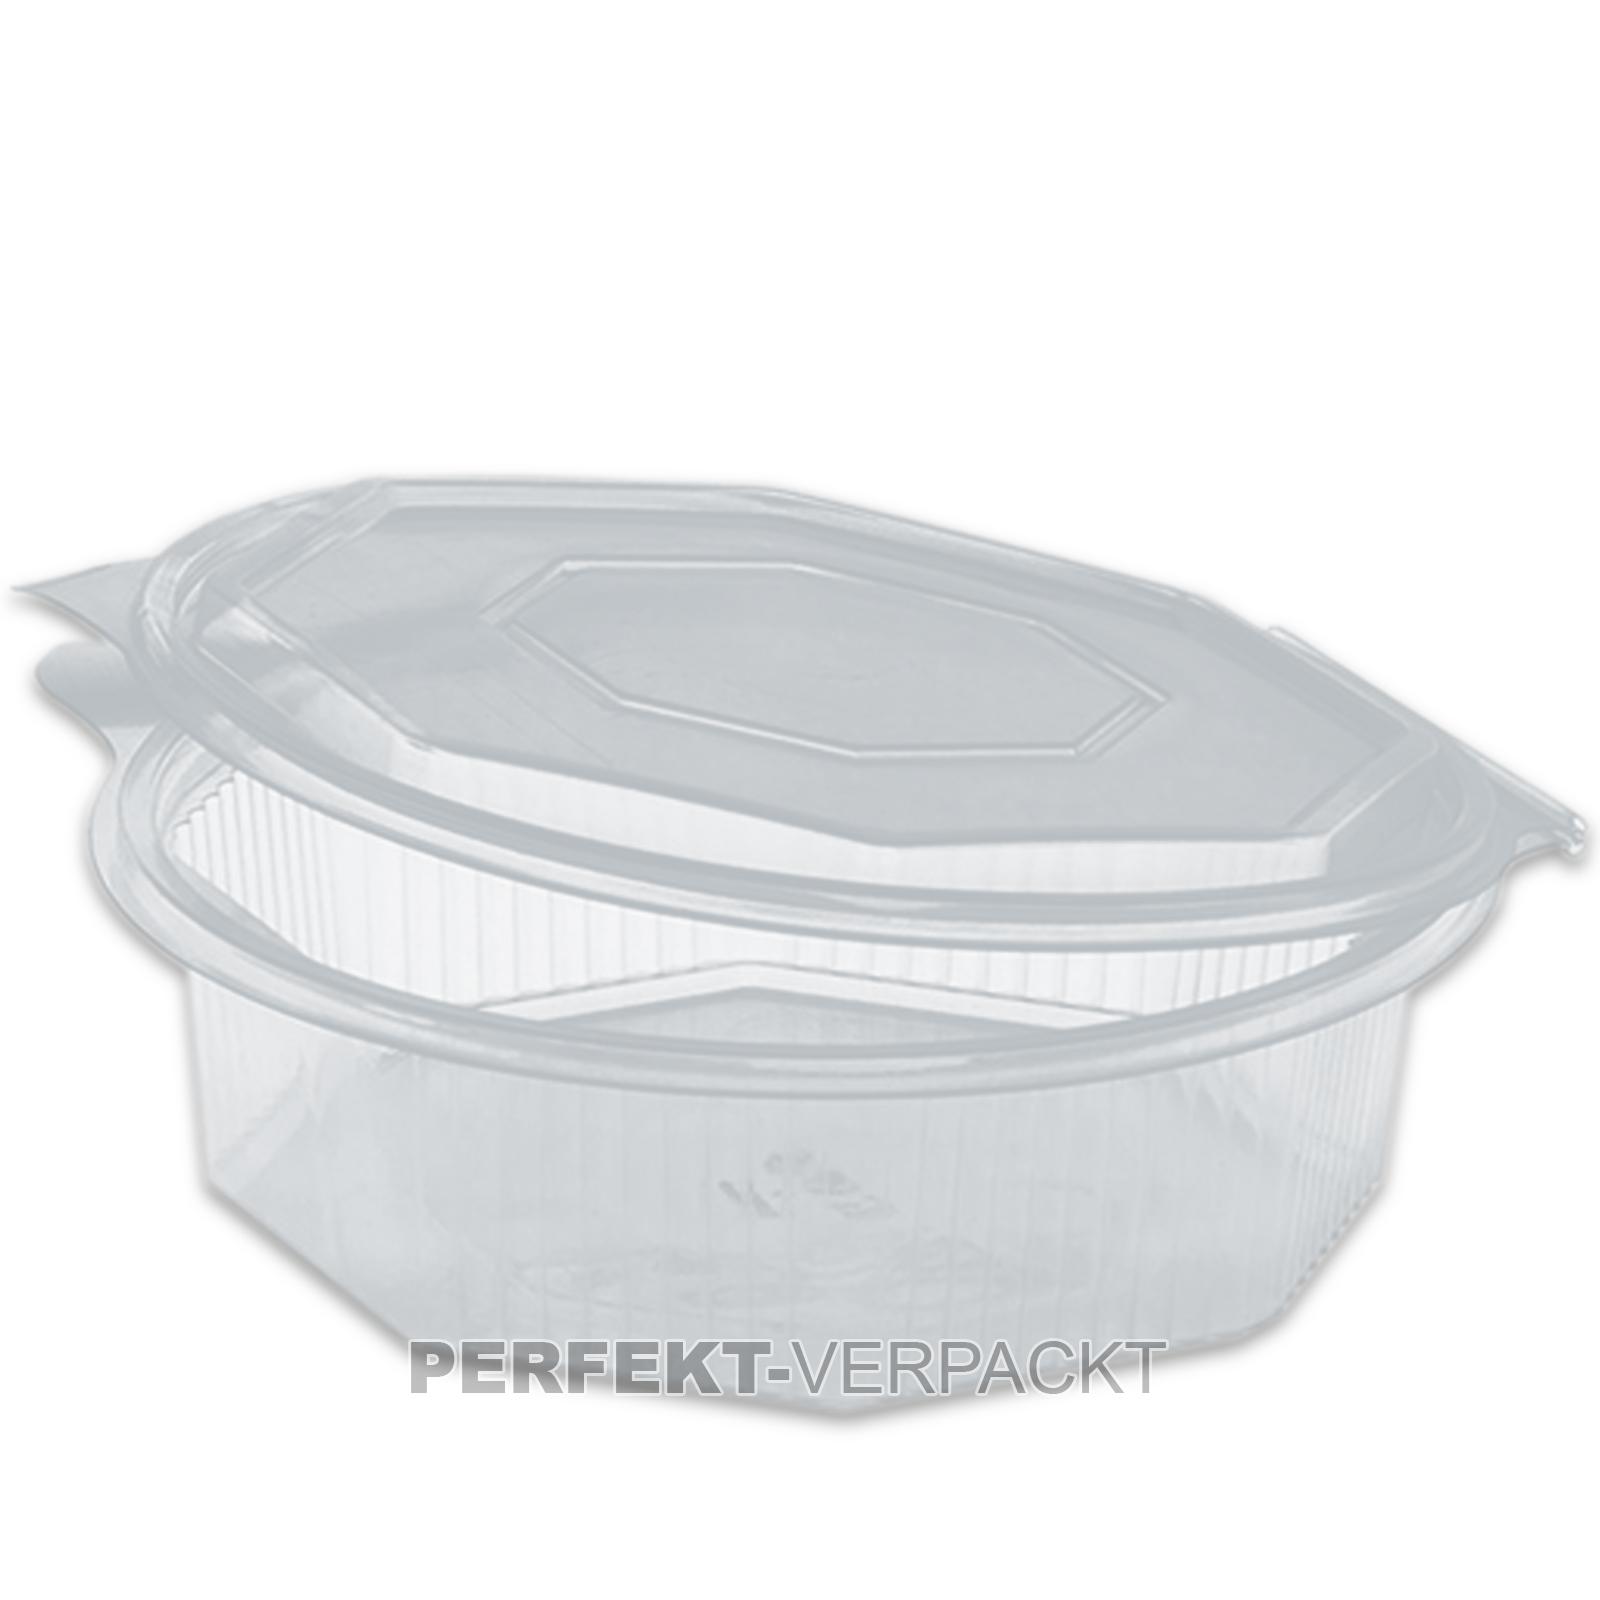 200 salatschalen mit deckel 750ml 8 eckig haushaltsboxen klappschalen salatbox ebay. Black Bedroom Furniture Sets. Home Design Ideas